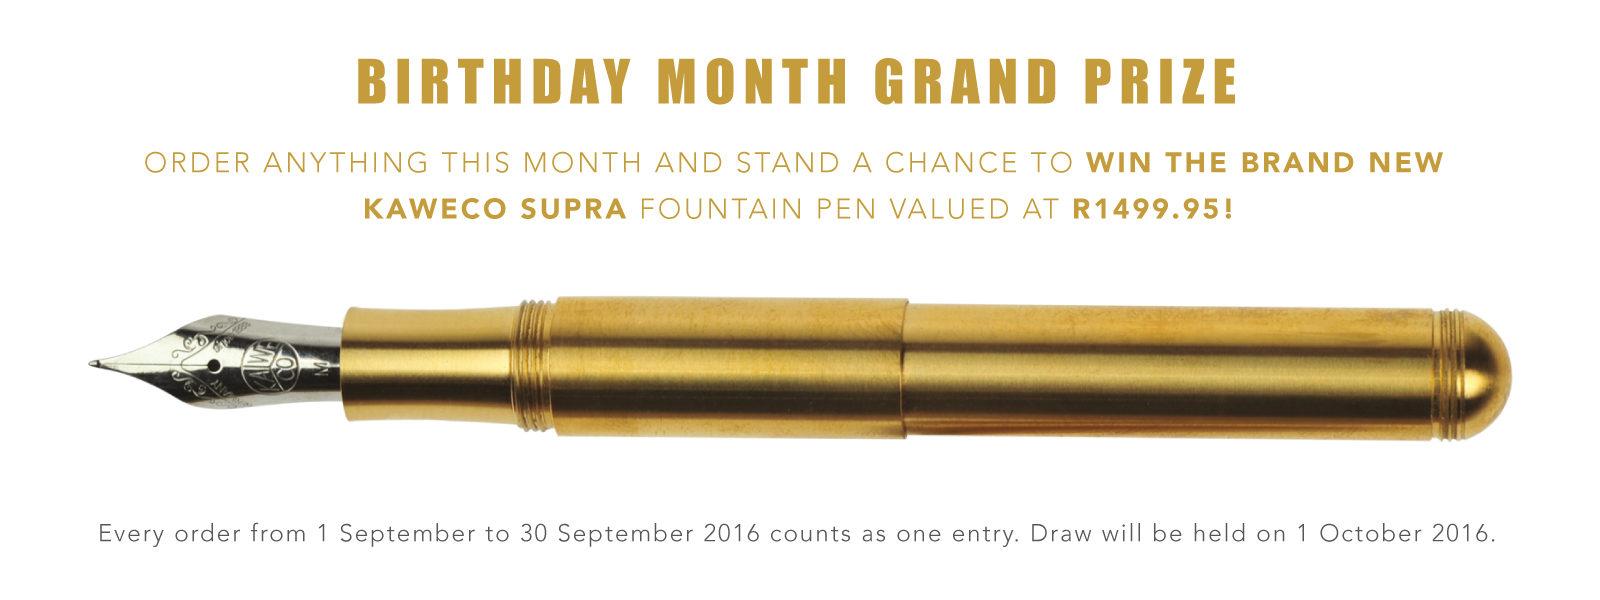 Win a Kaweco Supra Fountain Pen